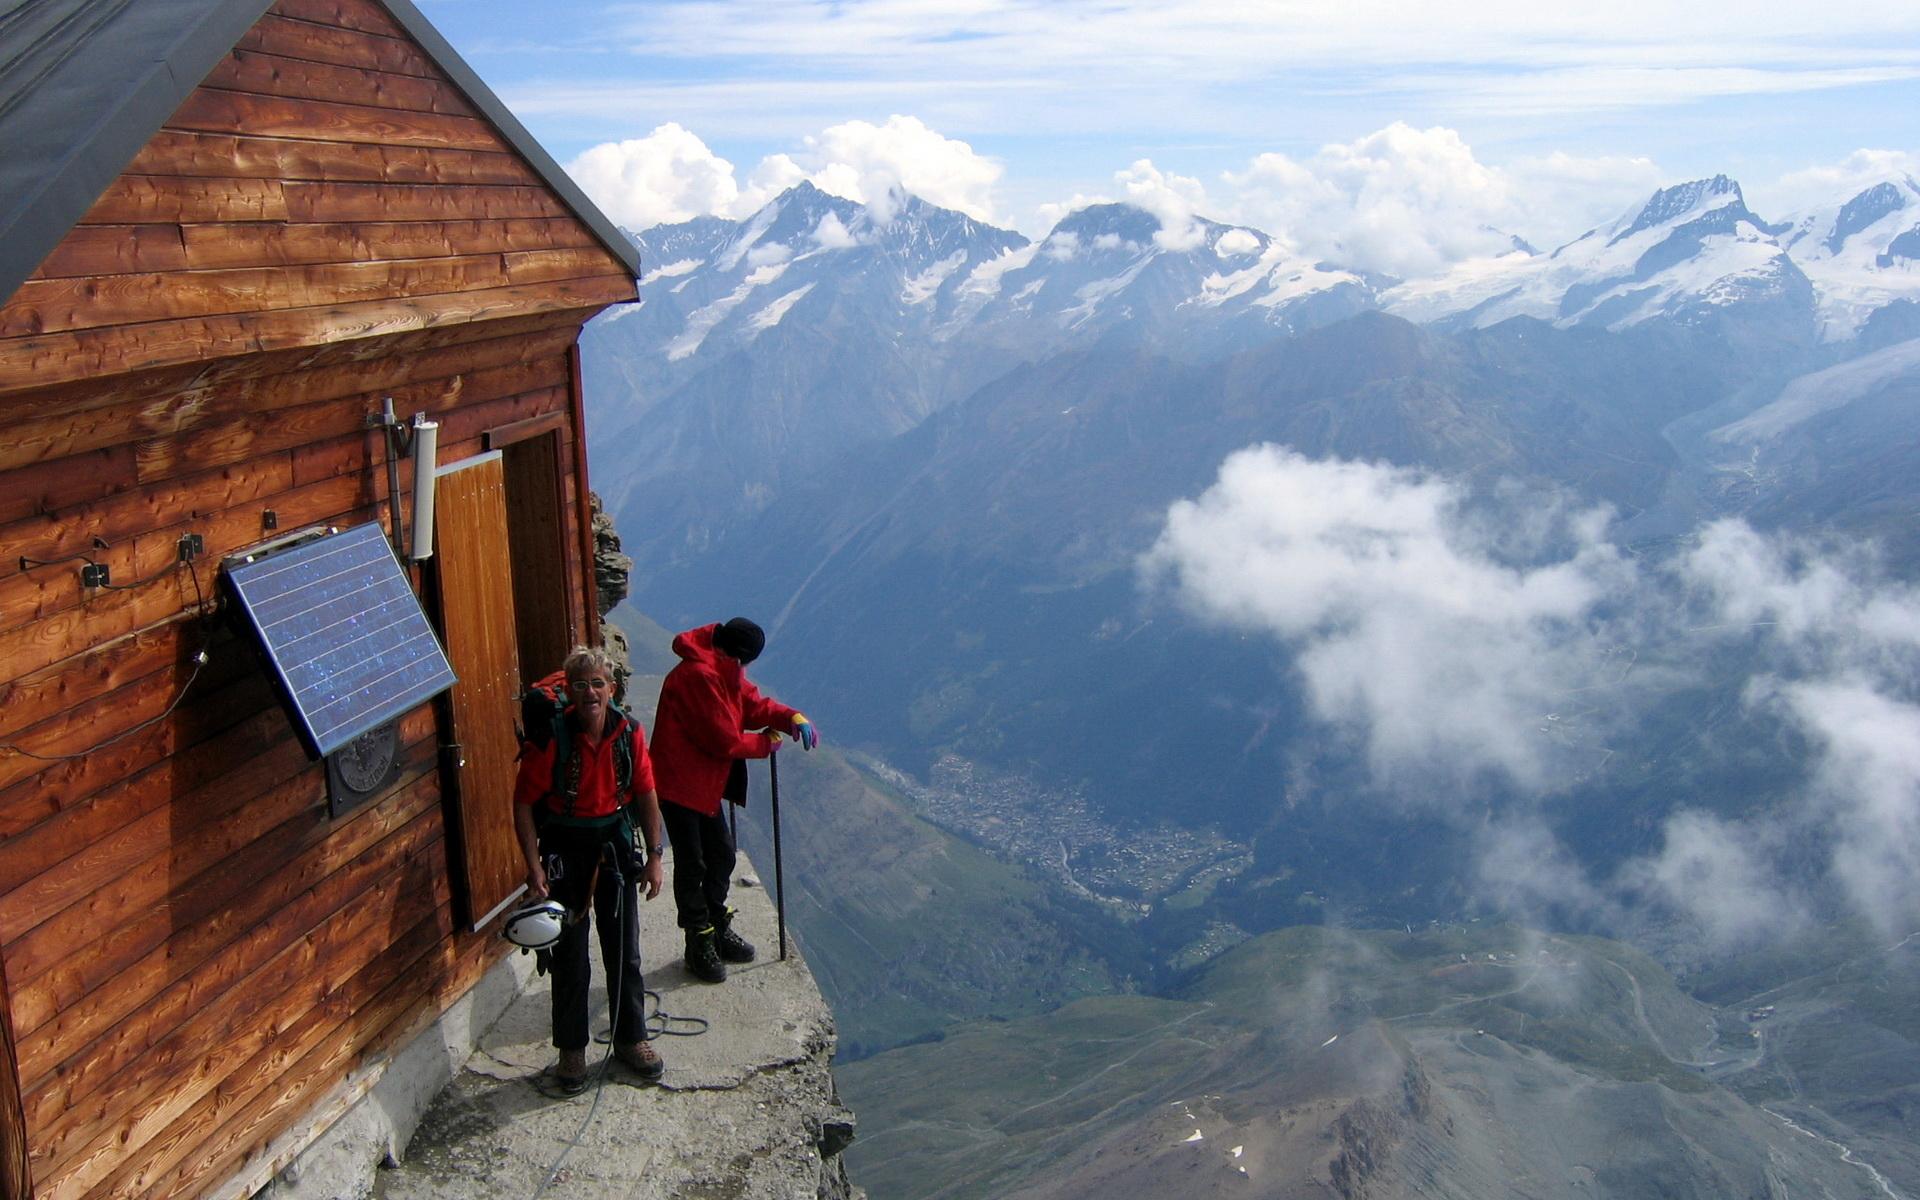 Zermatt Switzerland  city pictures gallery : Switzerland, Zermatt wallpapers and images wallpapers, pictures ...